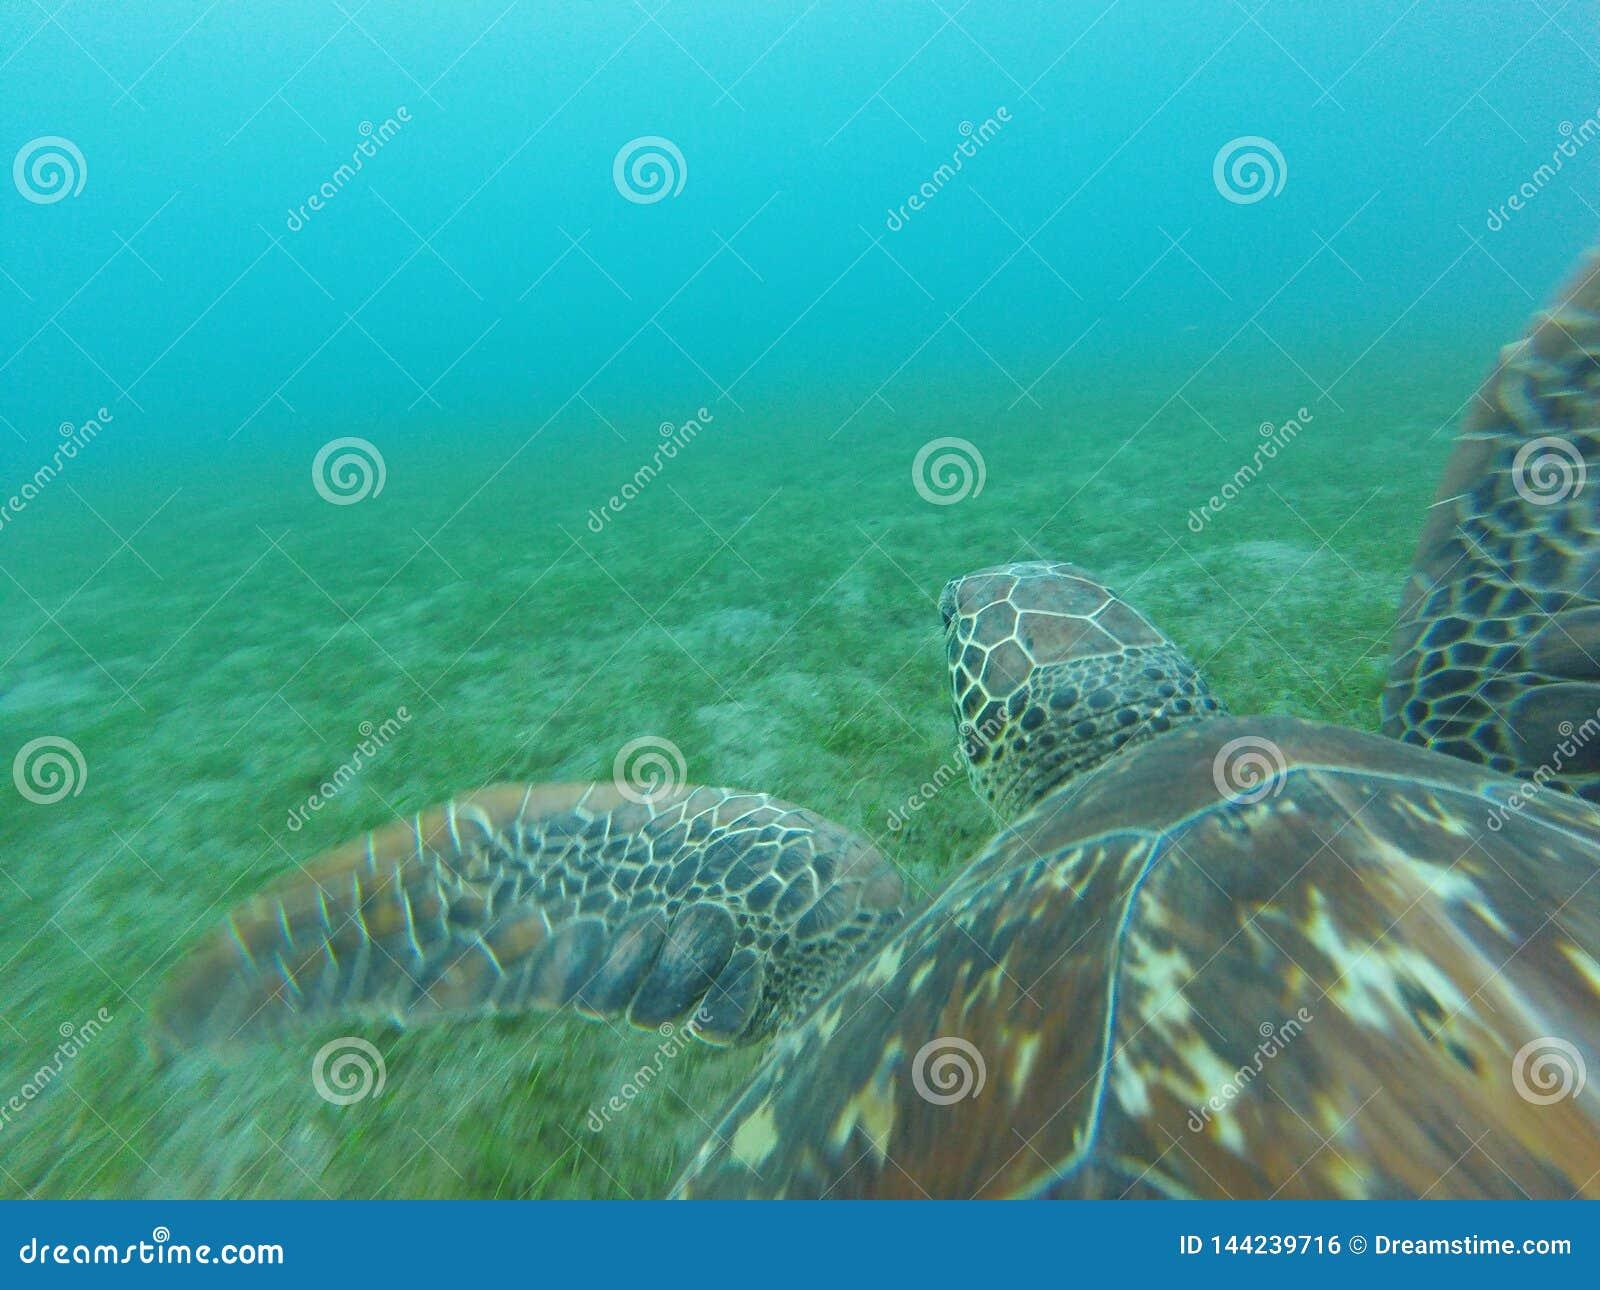 海龟佩戴水肺的潜水